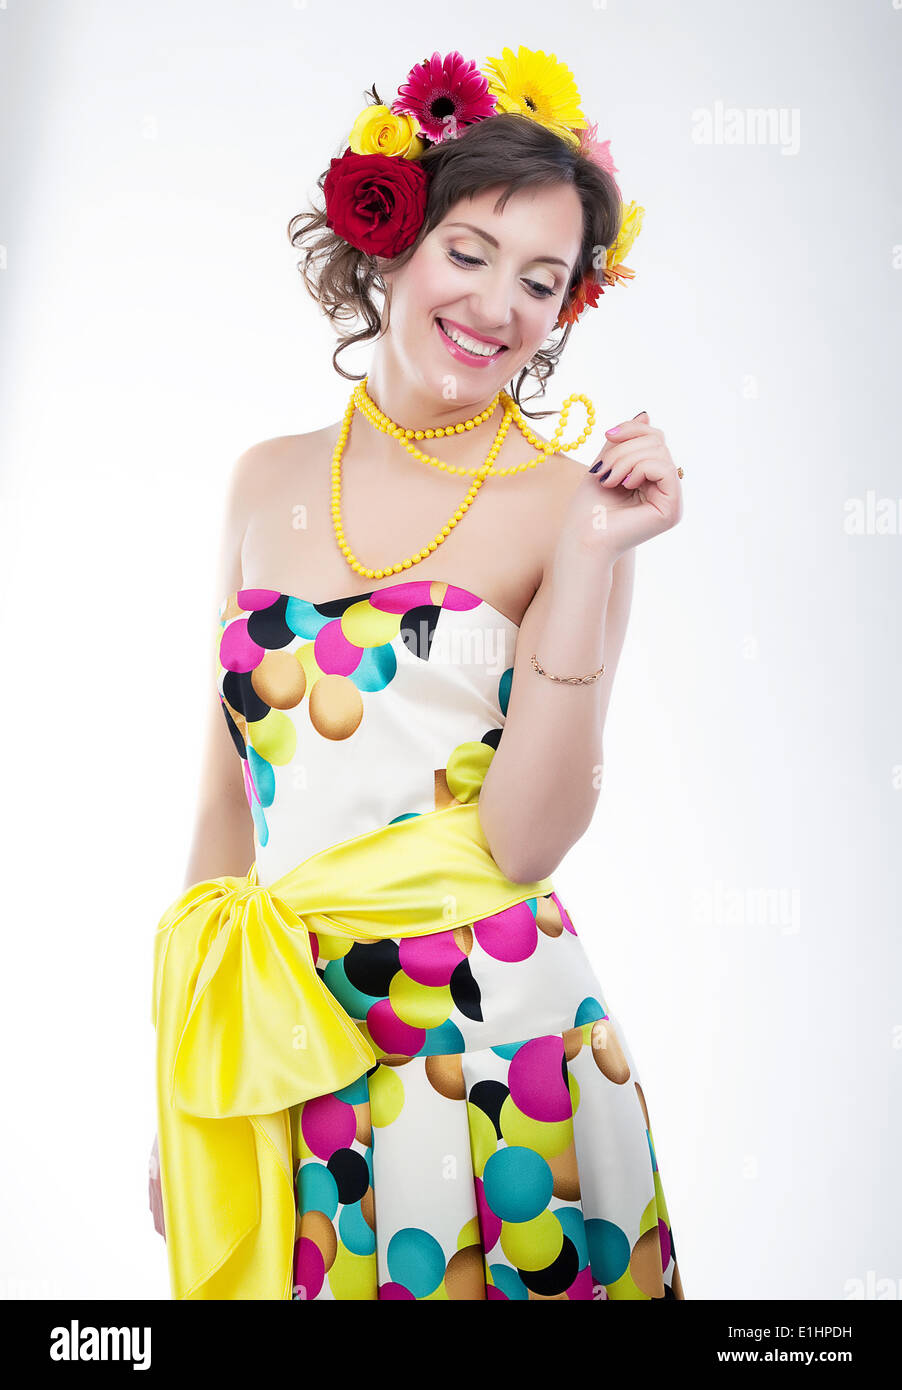 Schönheit - vernal glückliche junge Frau in bunten hellen Kleid. Serie von Fotos Stockbild